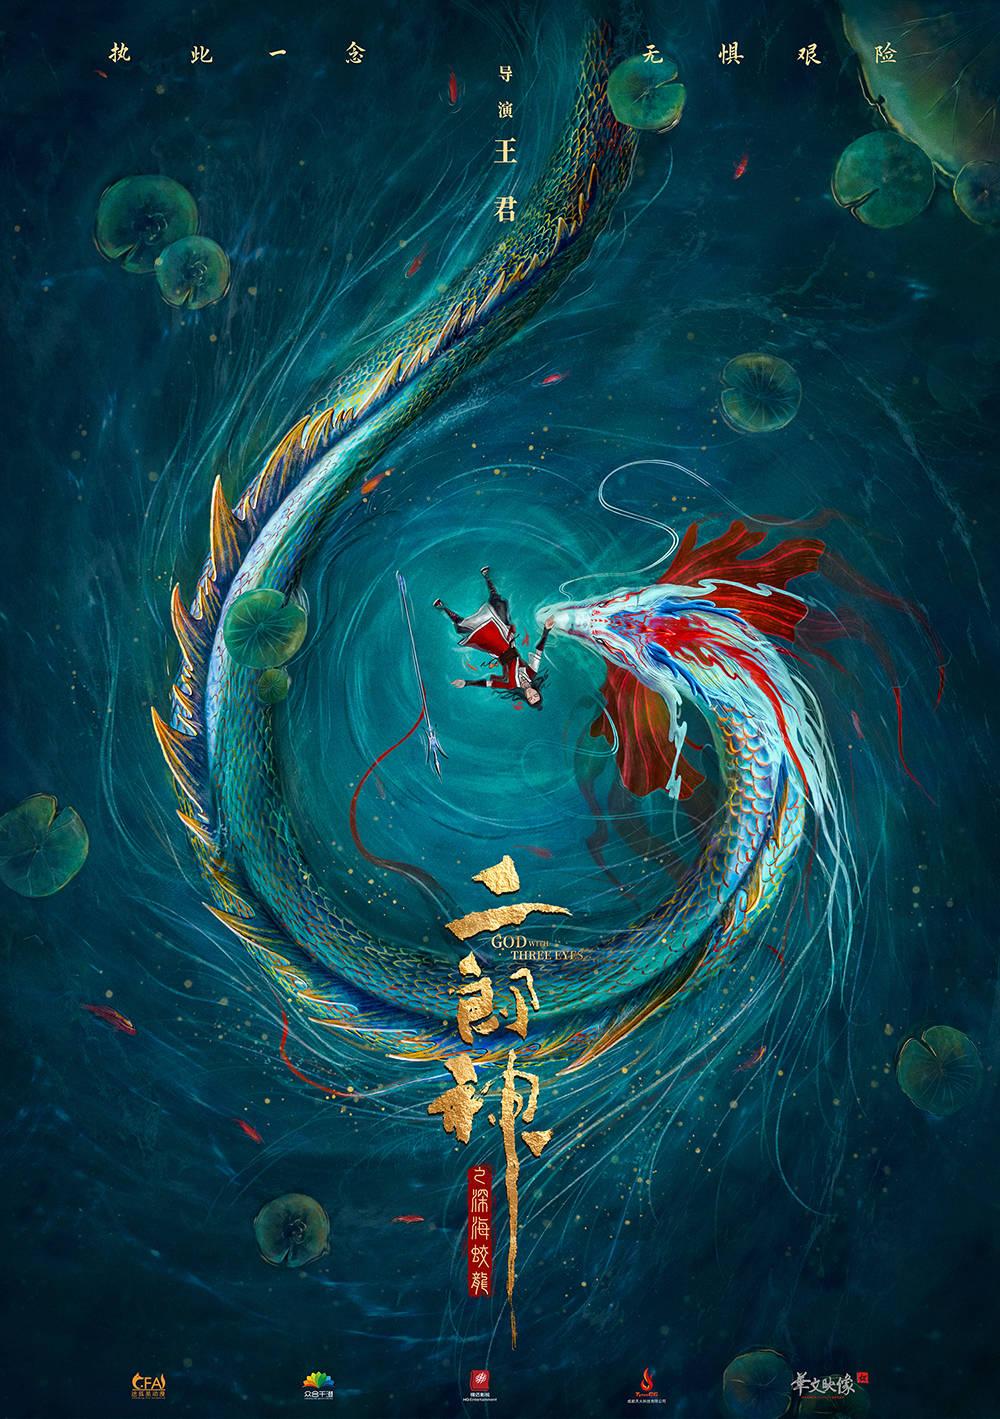 《二郎神之深海蛟龙》发布首支概念预告 二郎神杨戬被贬下界抓捕千年蛟龙